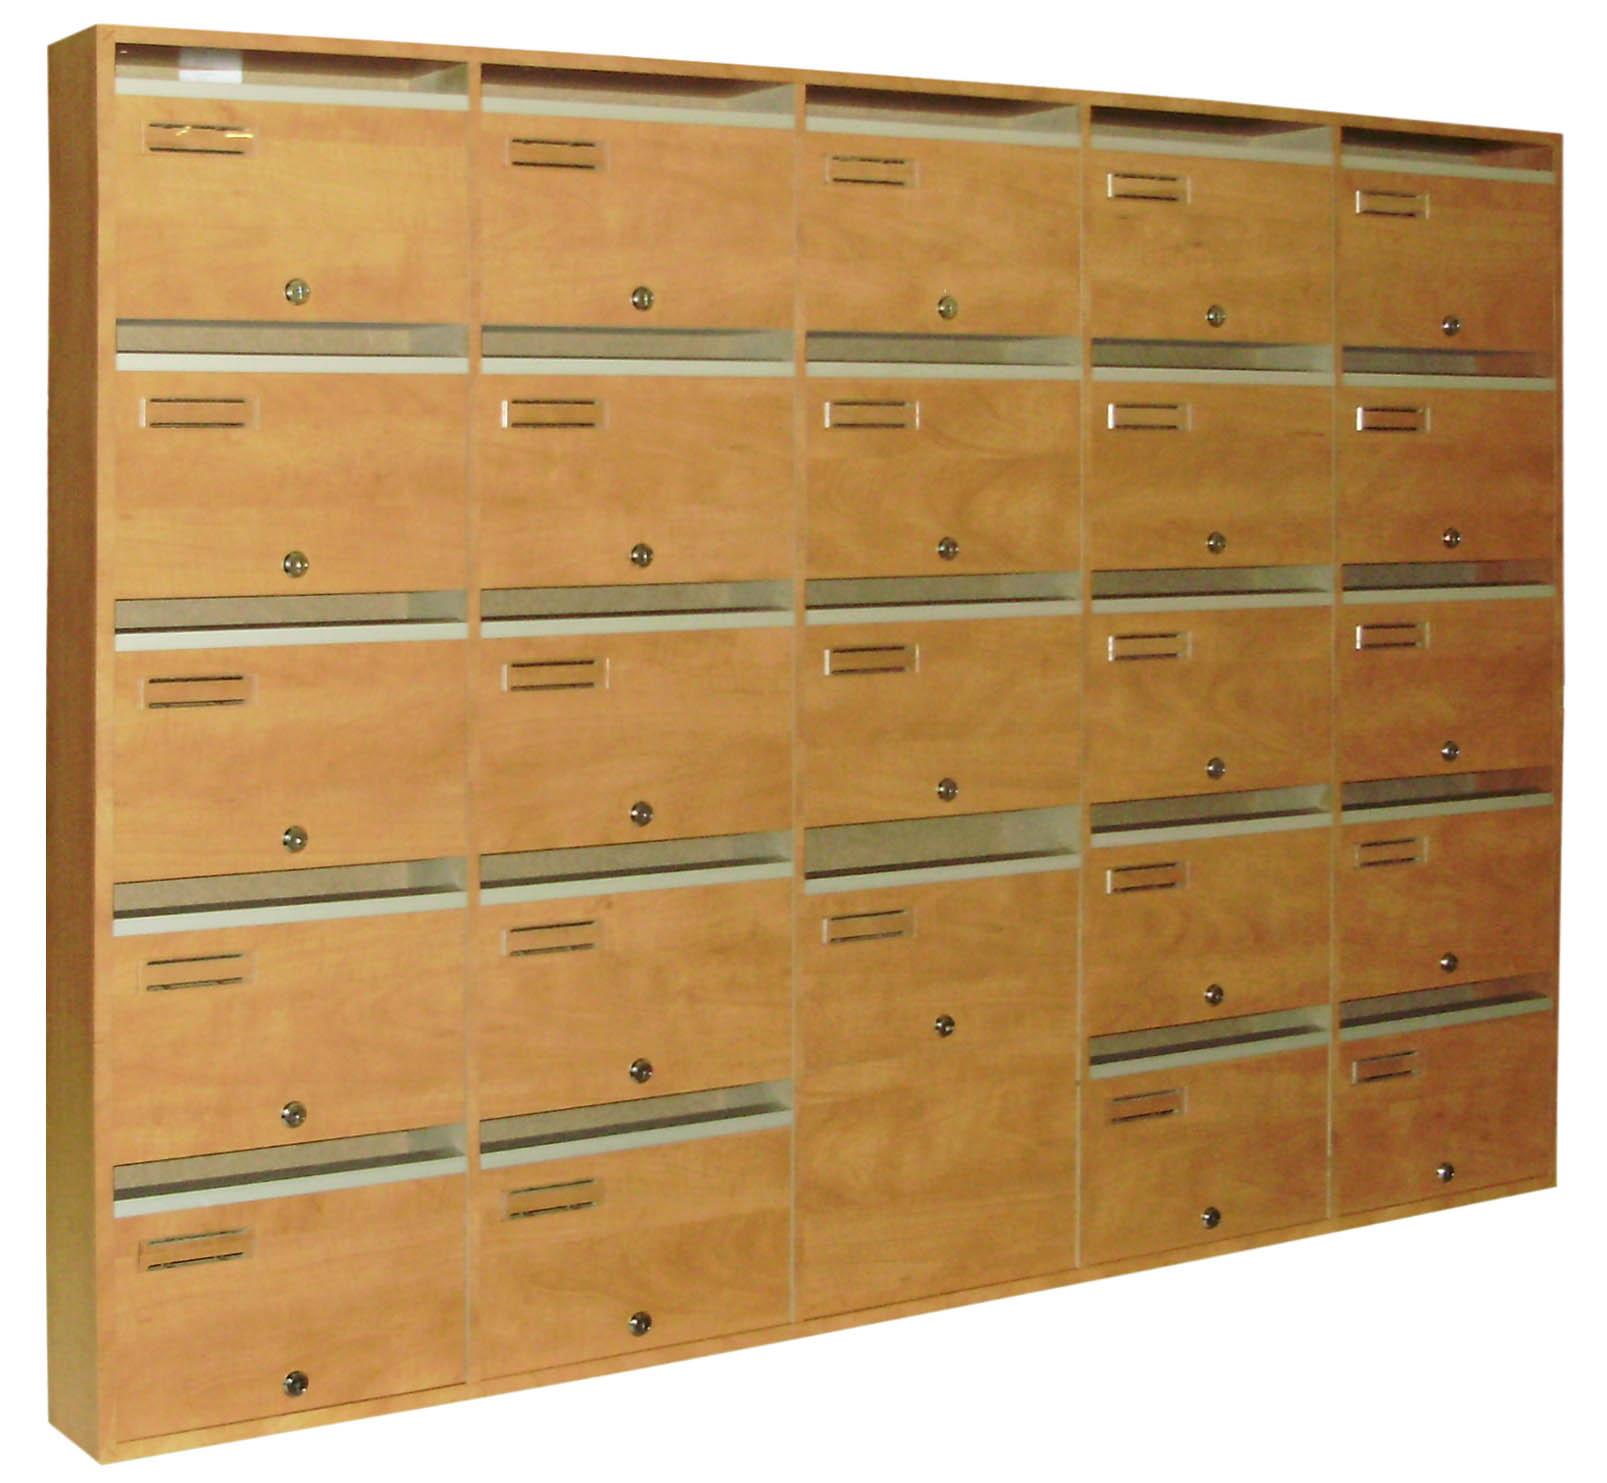 Plaque boîte aux lettres: une solution pour repérer son logement